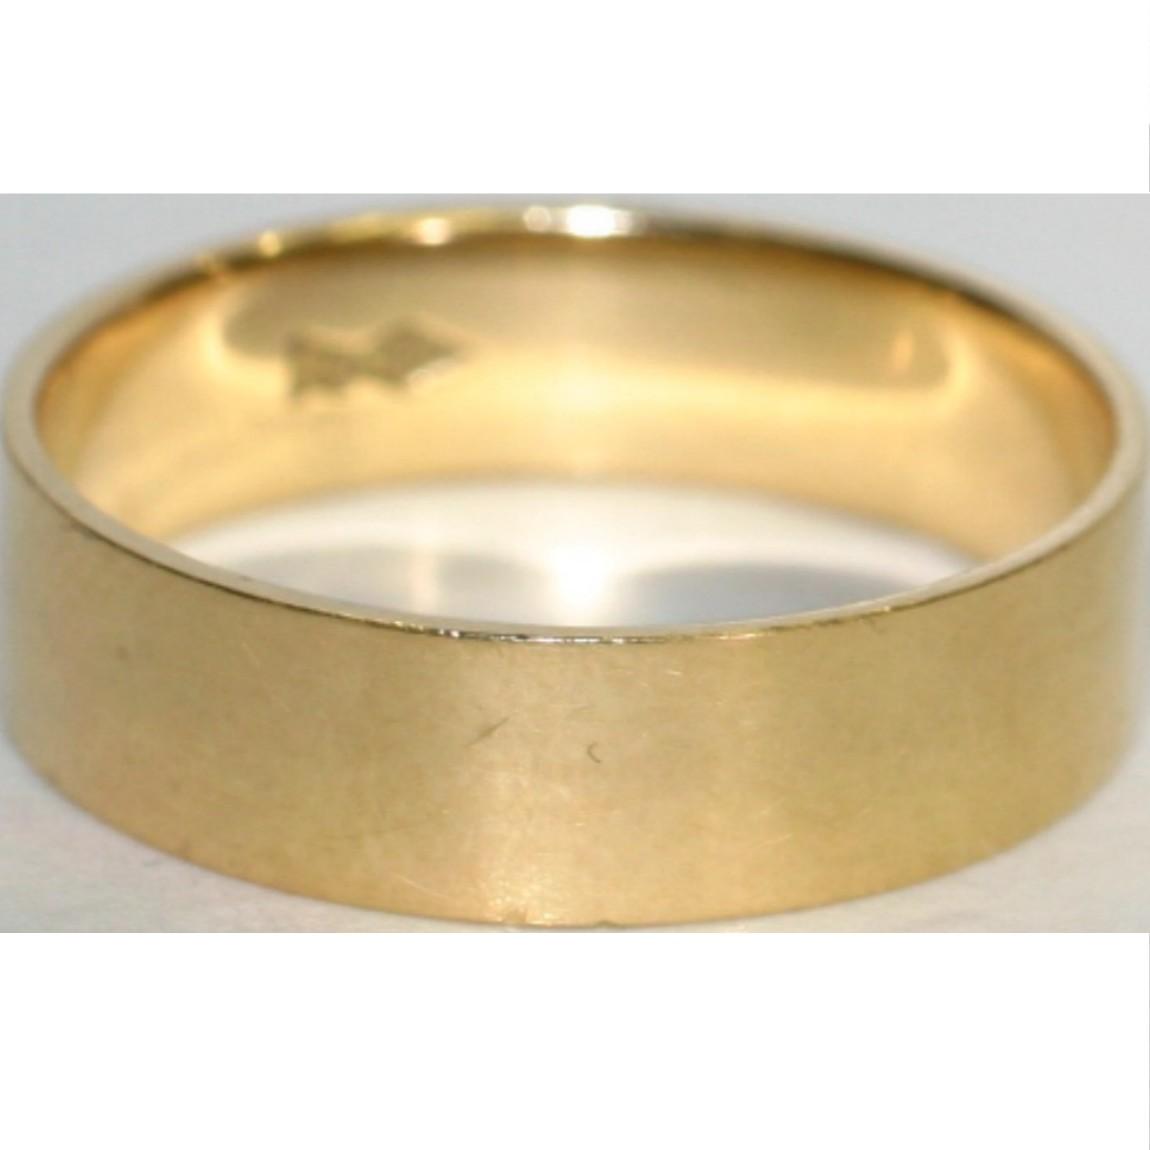 【中古】本物綺麗K18重さ3,8g日本サイズ17号の指輪 幅0,5cm、直径2cm